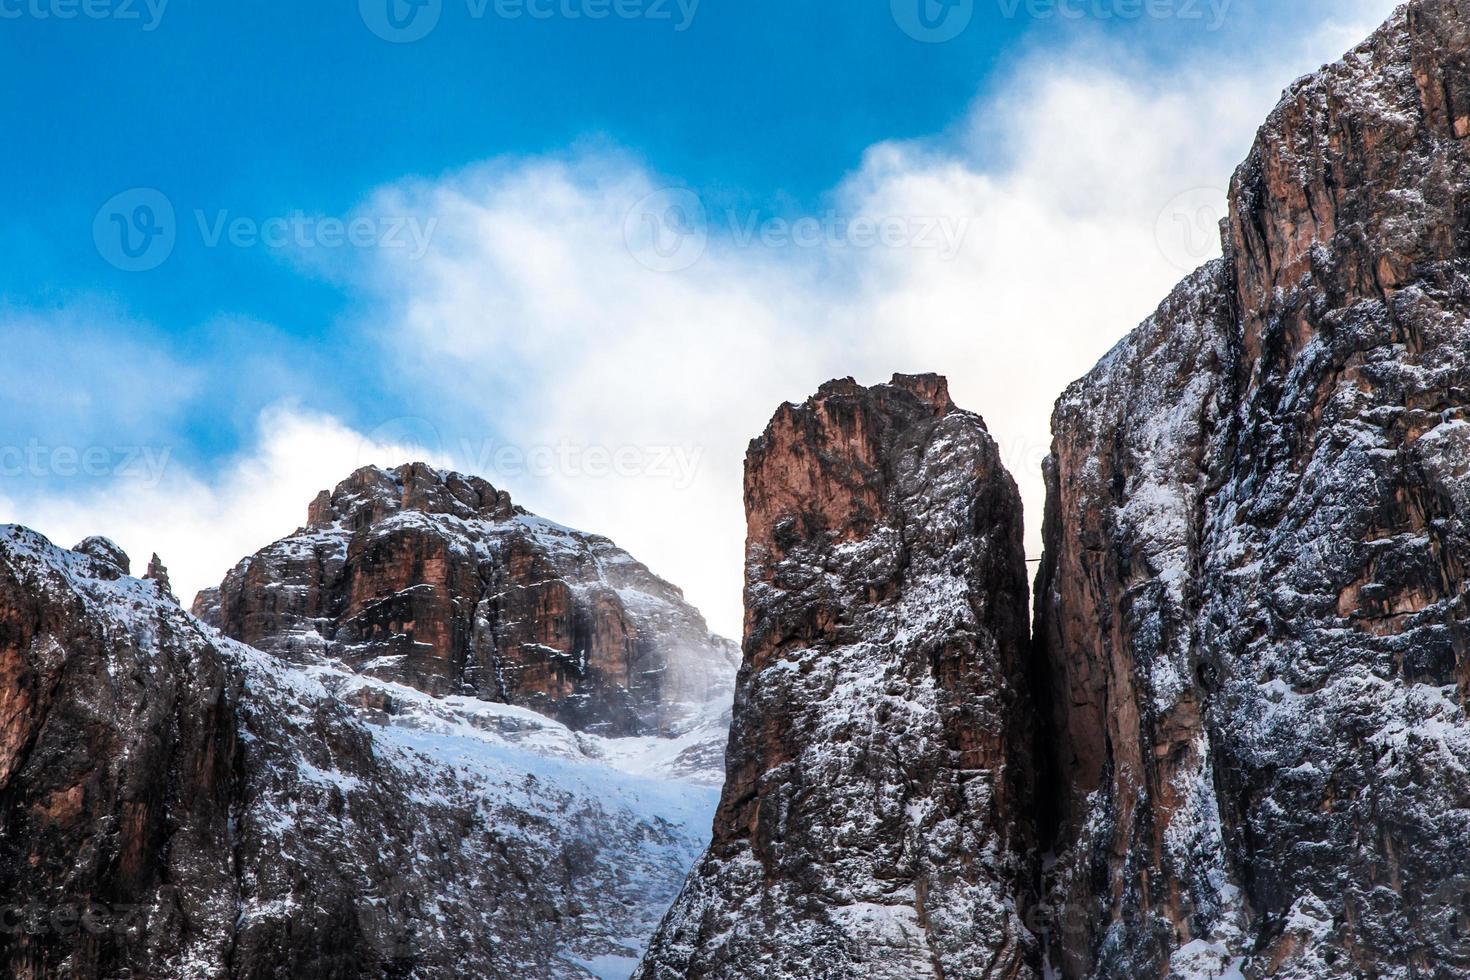 viento en la cumbre de la montaña foto